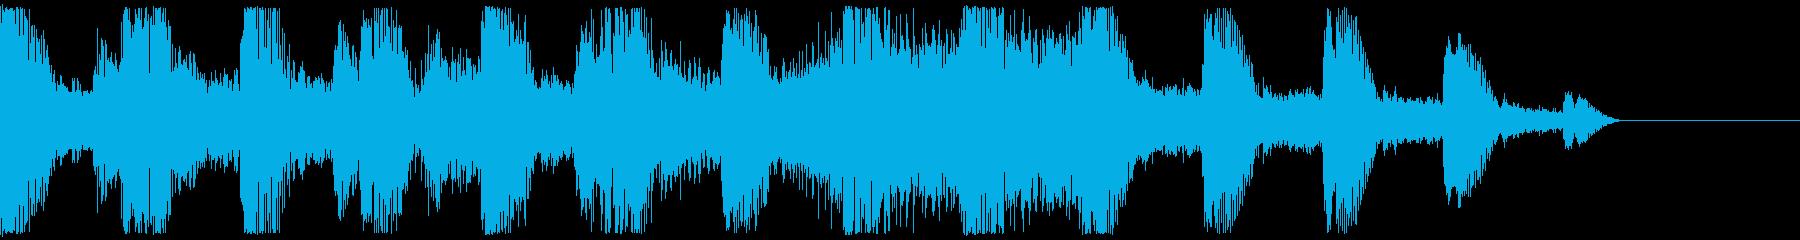 蝉の声 日本の夏 サウンドロゴの再生済みの波形